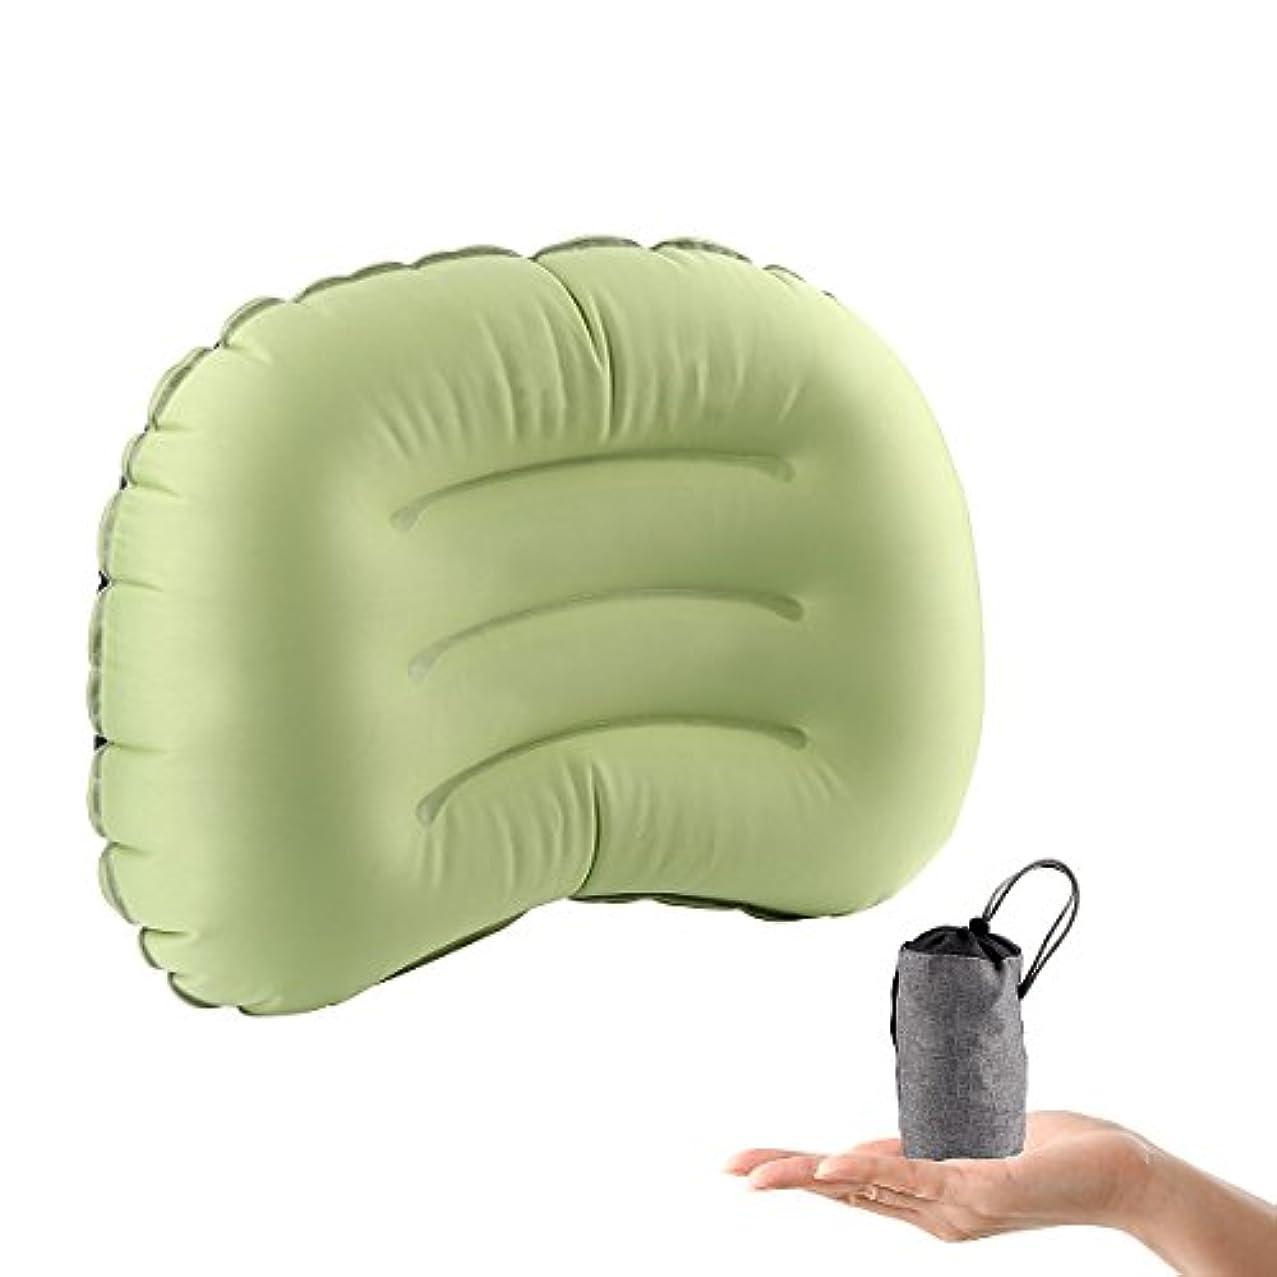 一貫性のない深さ小説インフレータブルキャンプ枕超軽量ポータブル旅行ときに快適な睡眠を提供Travelingバックパッキング、キャンプまたはwithボーナスポケット(グリーン)